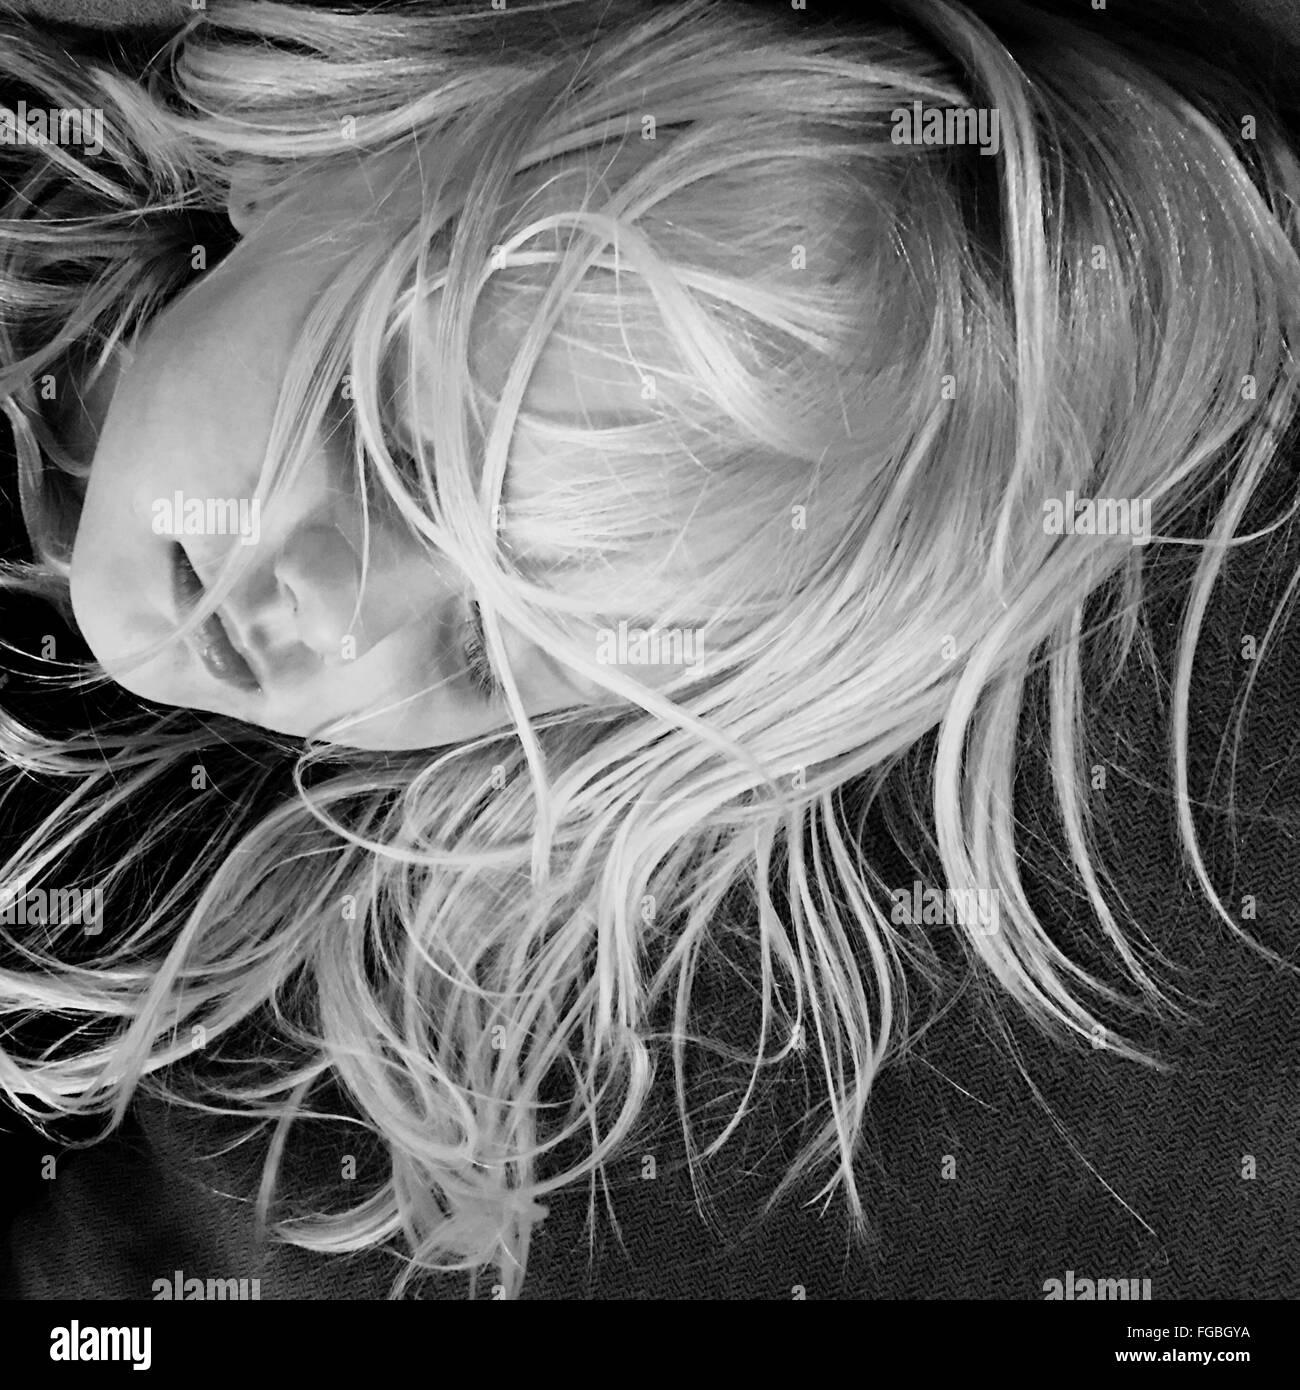 Angolo di Alta Vista della ragazza con i capelli disordinati che dorme sul letto Immagini Stock